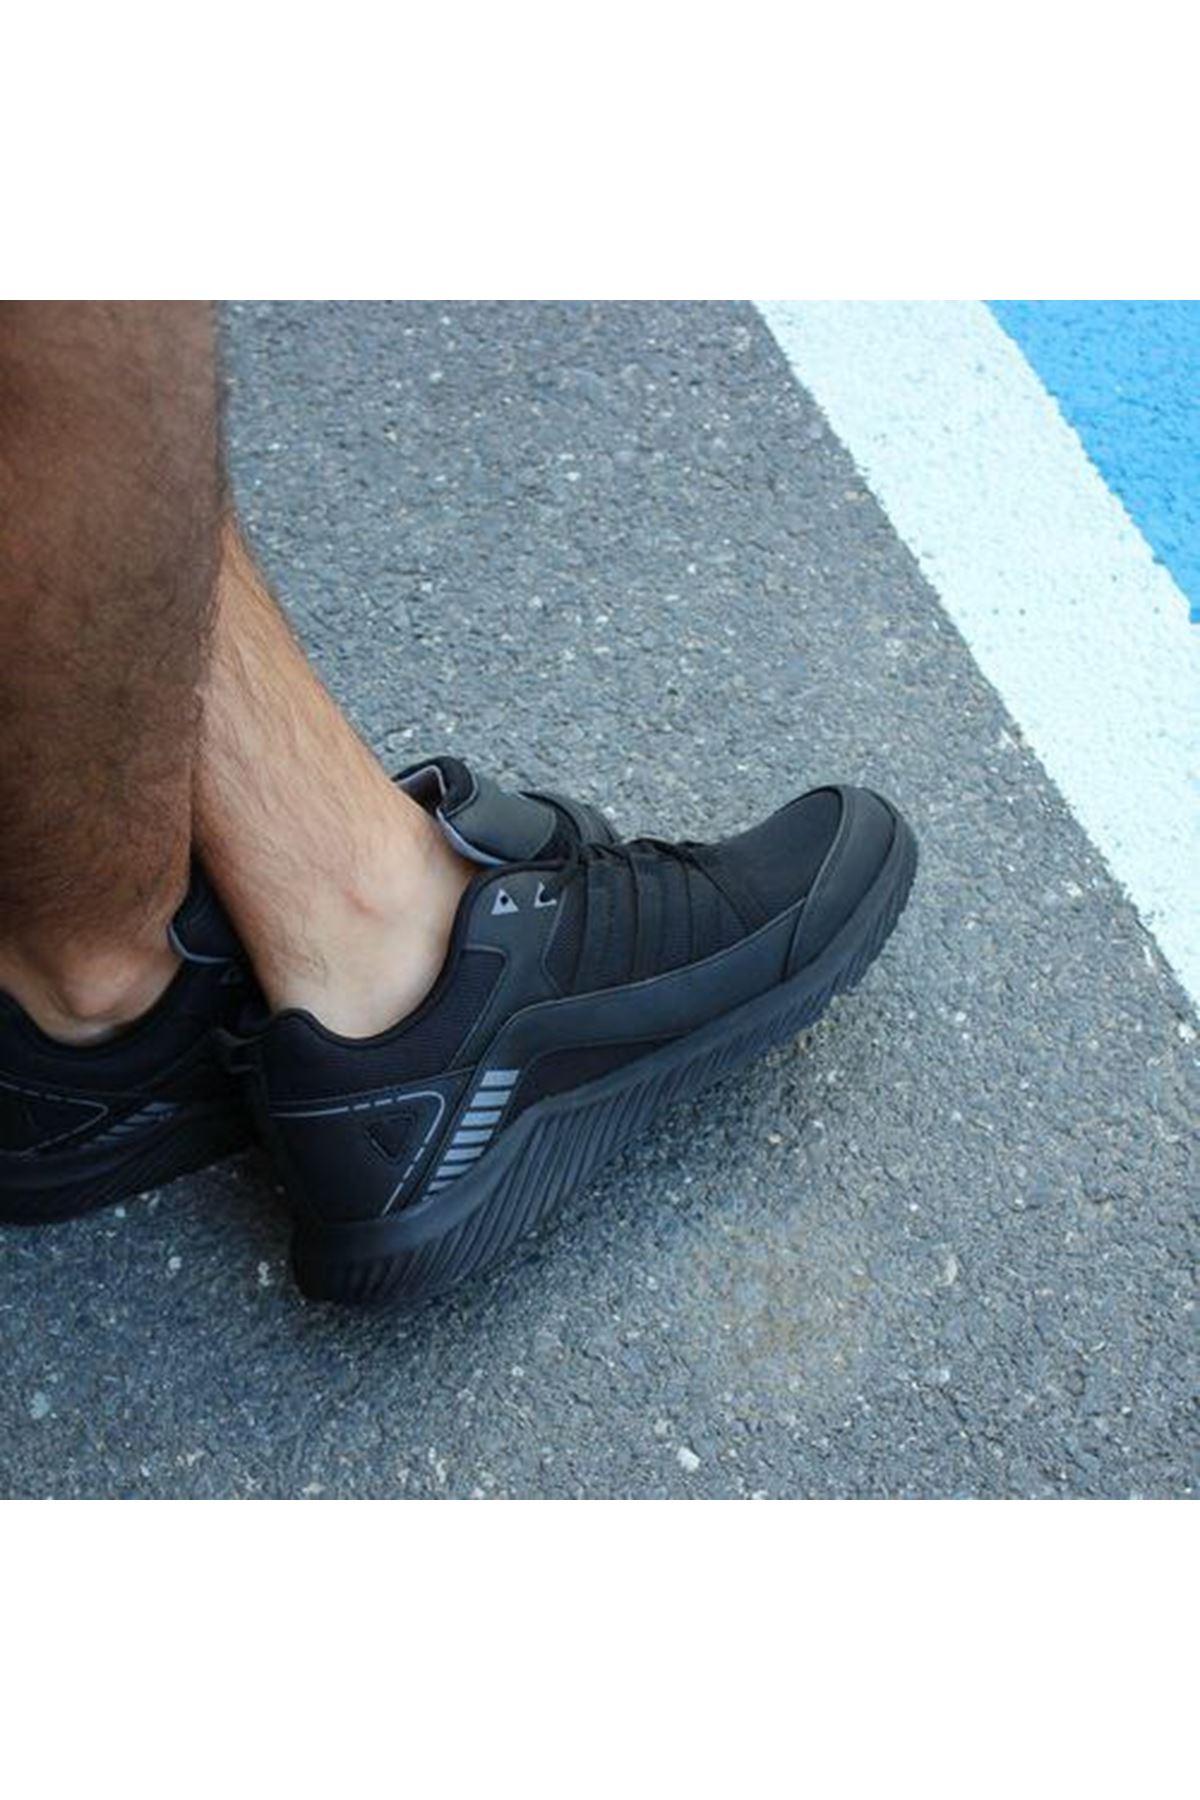 Büyük Numara Ayakkabı Siyah 46-47-48 Numaralar Fileli Rahat